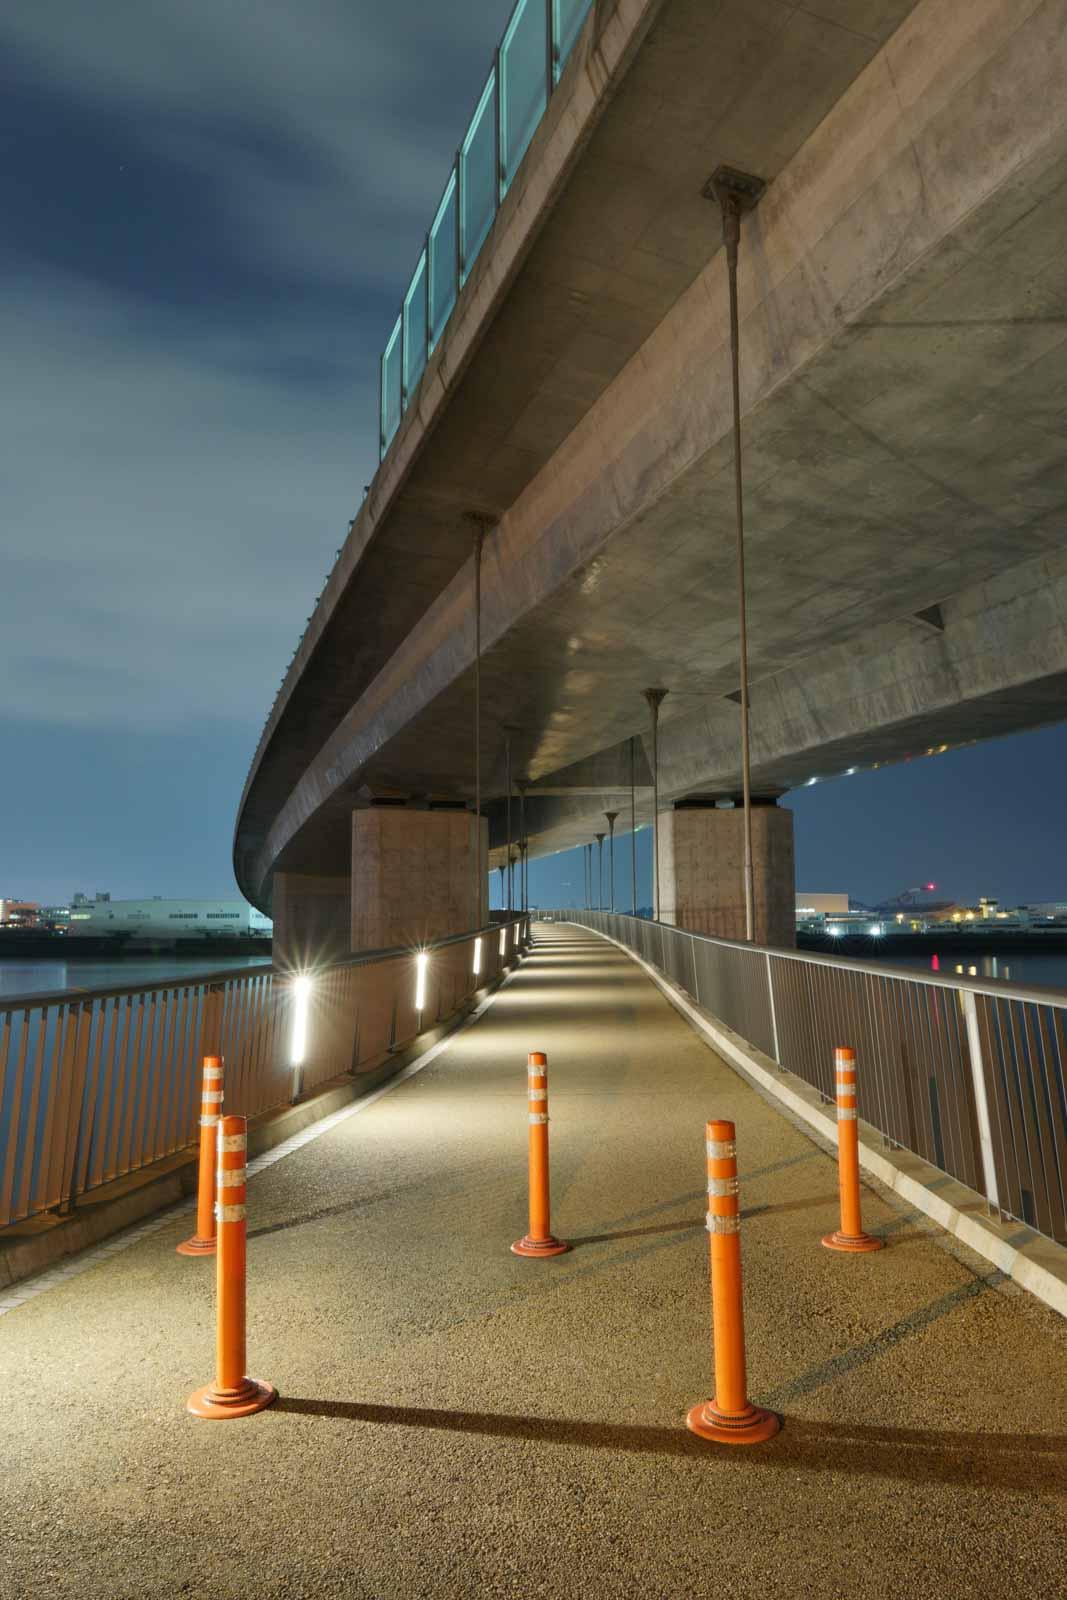 太田川大橋(LECT側に着いた)